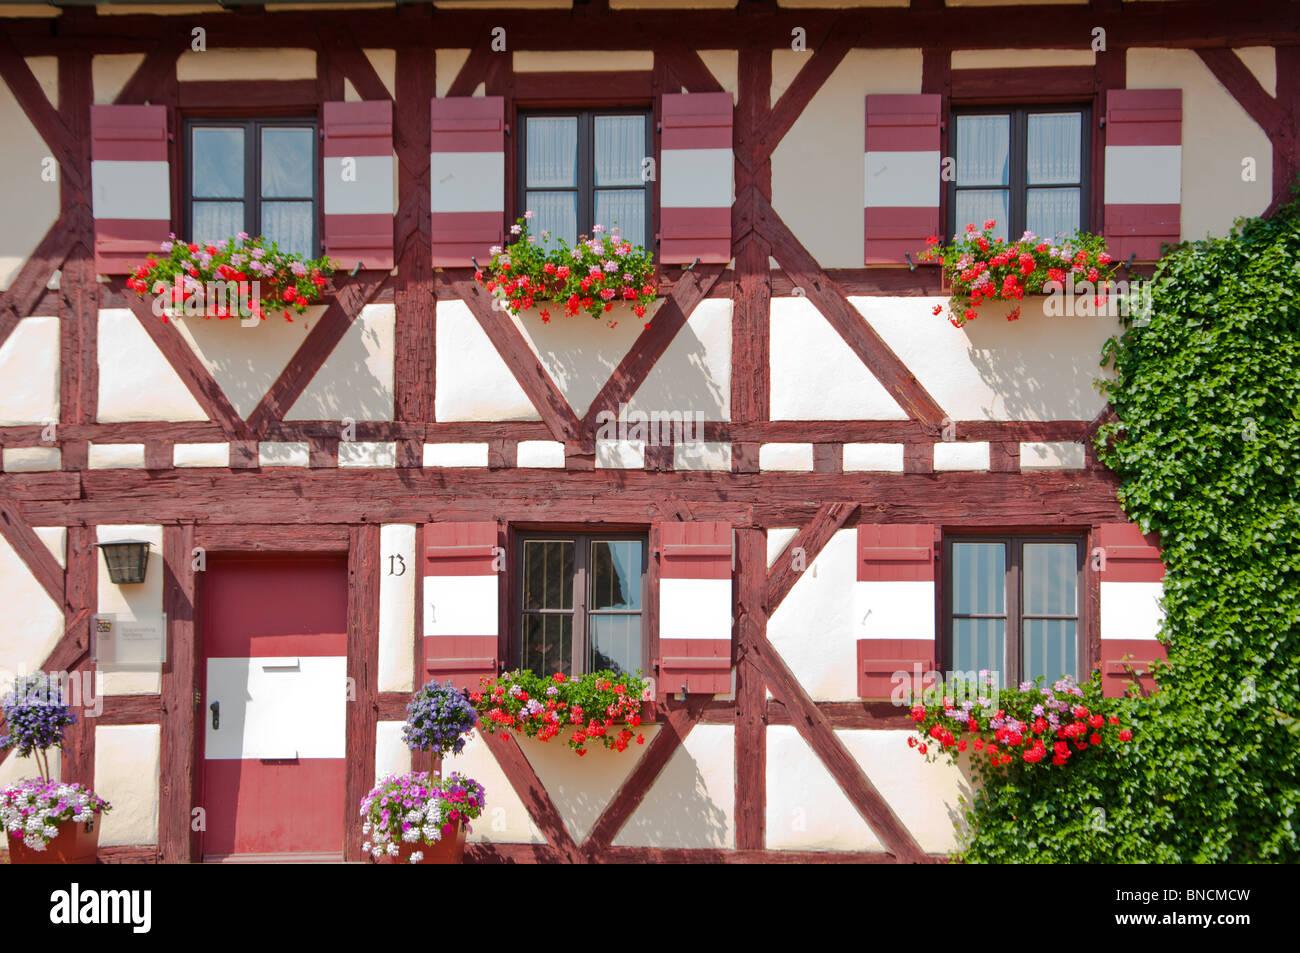 Medieval wood framed buildings at Kaiserburg Castle in Nuremburg, Germany. - Stock Image